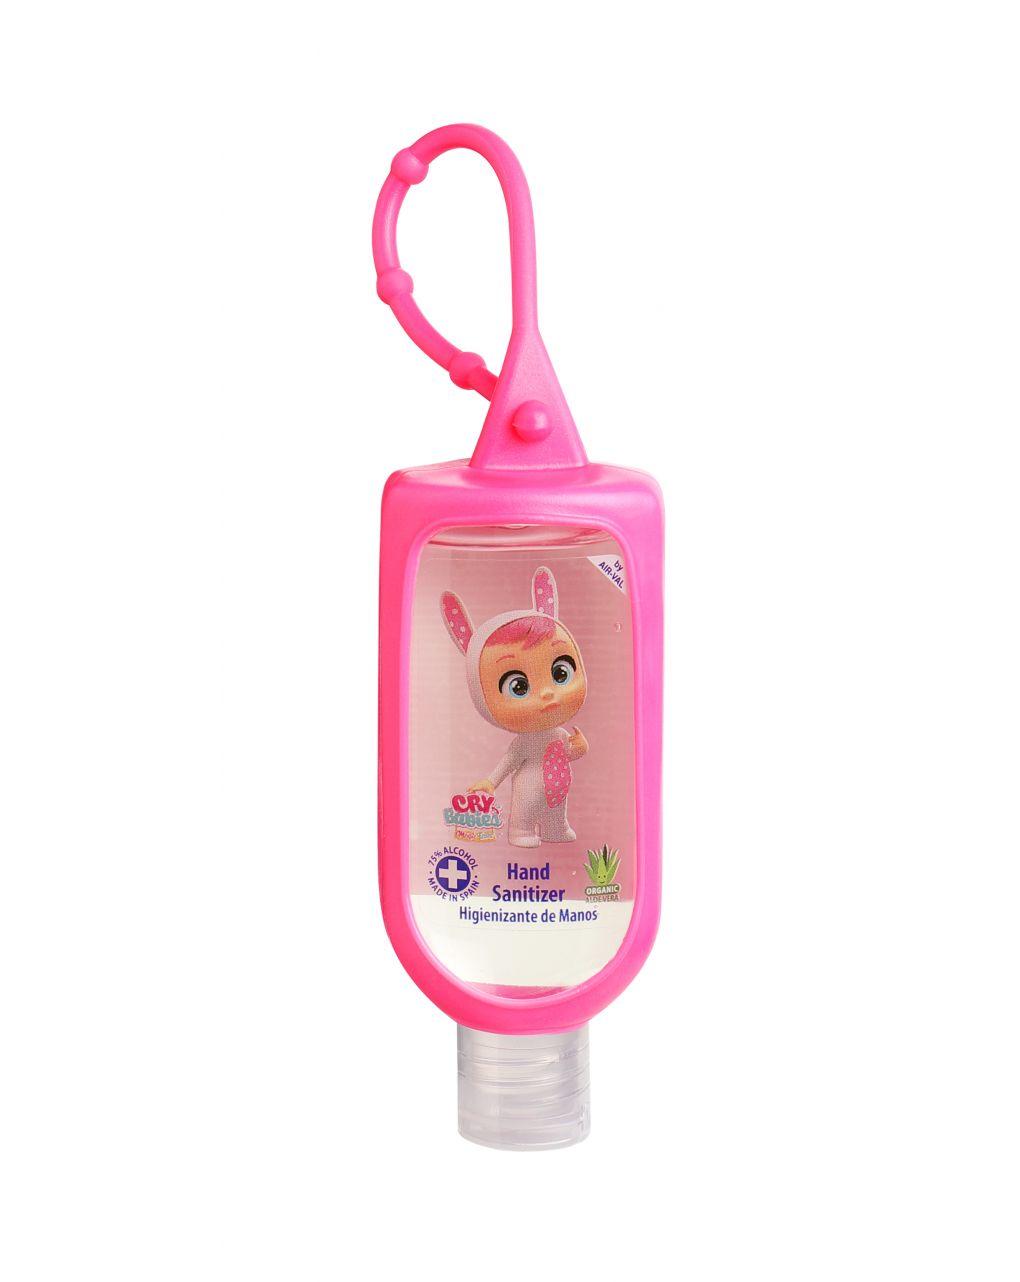 Cry babies gel igienizzante mani 60 ml con alcool 75% vol con gancio - Cry babies